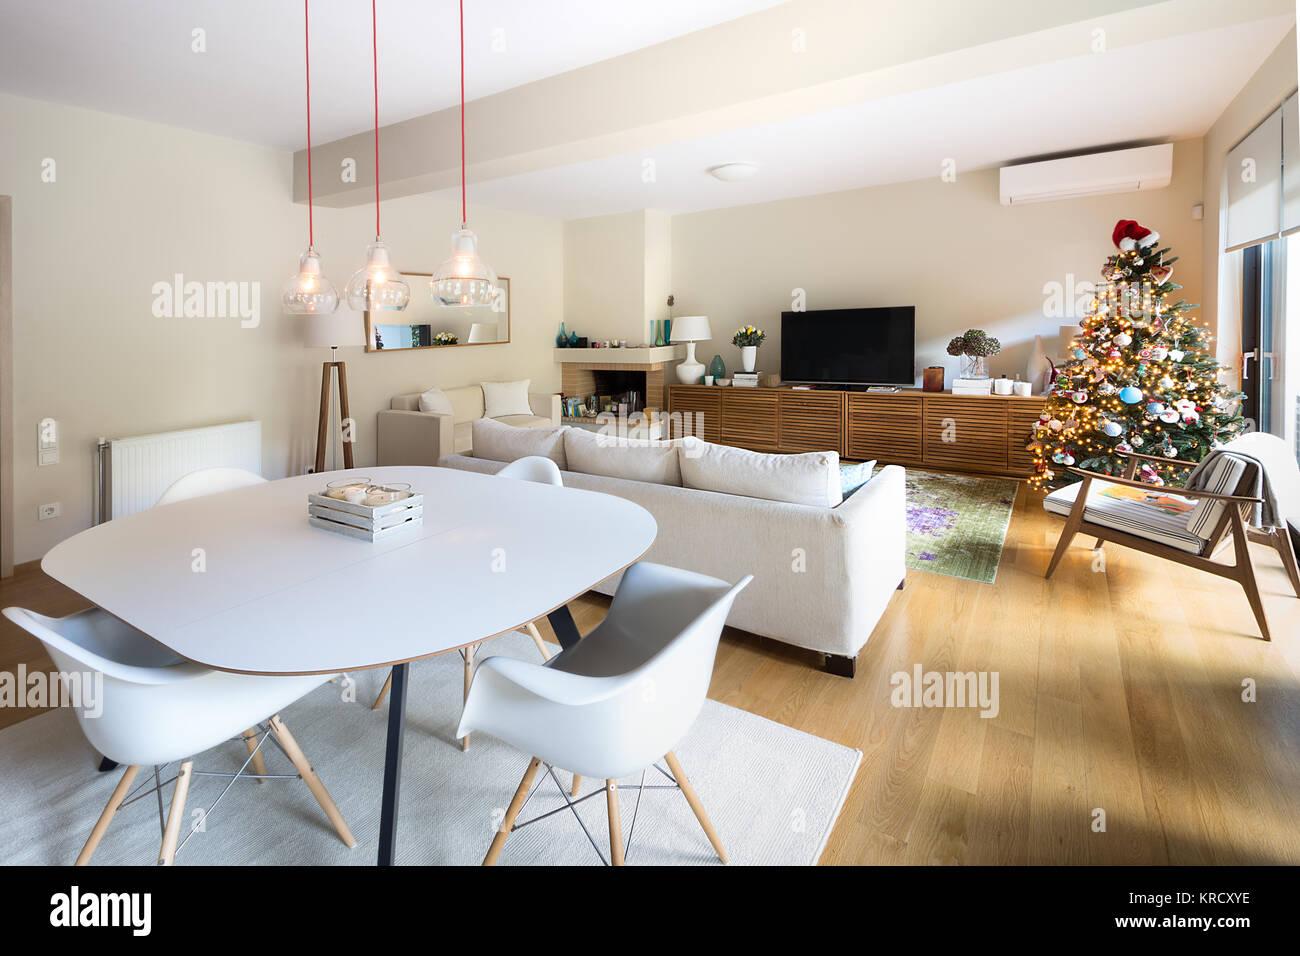 Ein Großes Wohn  Und Esszimmer Mit Einem Weißen Tisch, Vier Weiße Eiffel  Sessel, Ein Aus Der Mitte Des Letzten Jahrhunderts Stil Mit Sessel, Edison  Lampen, ...